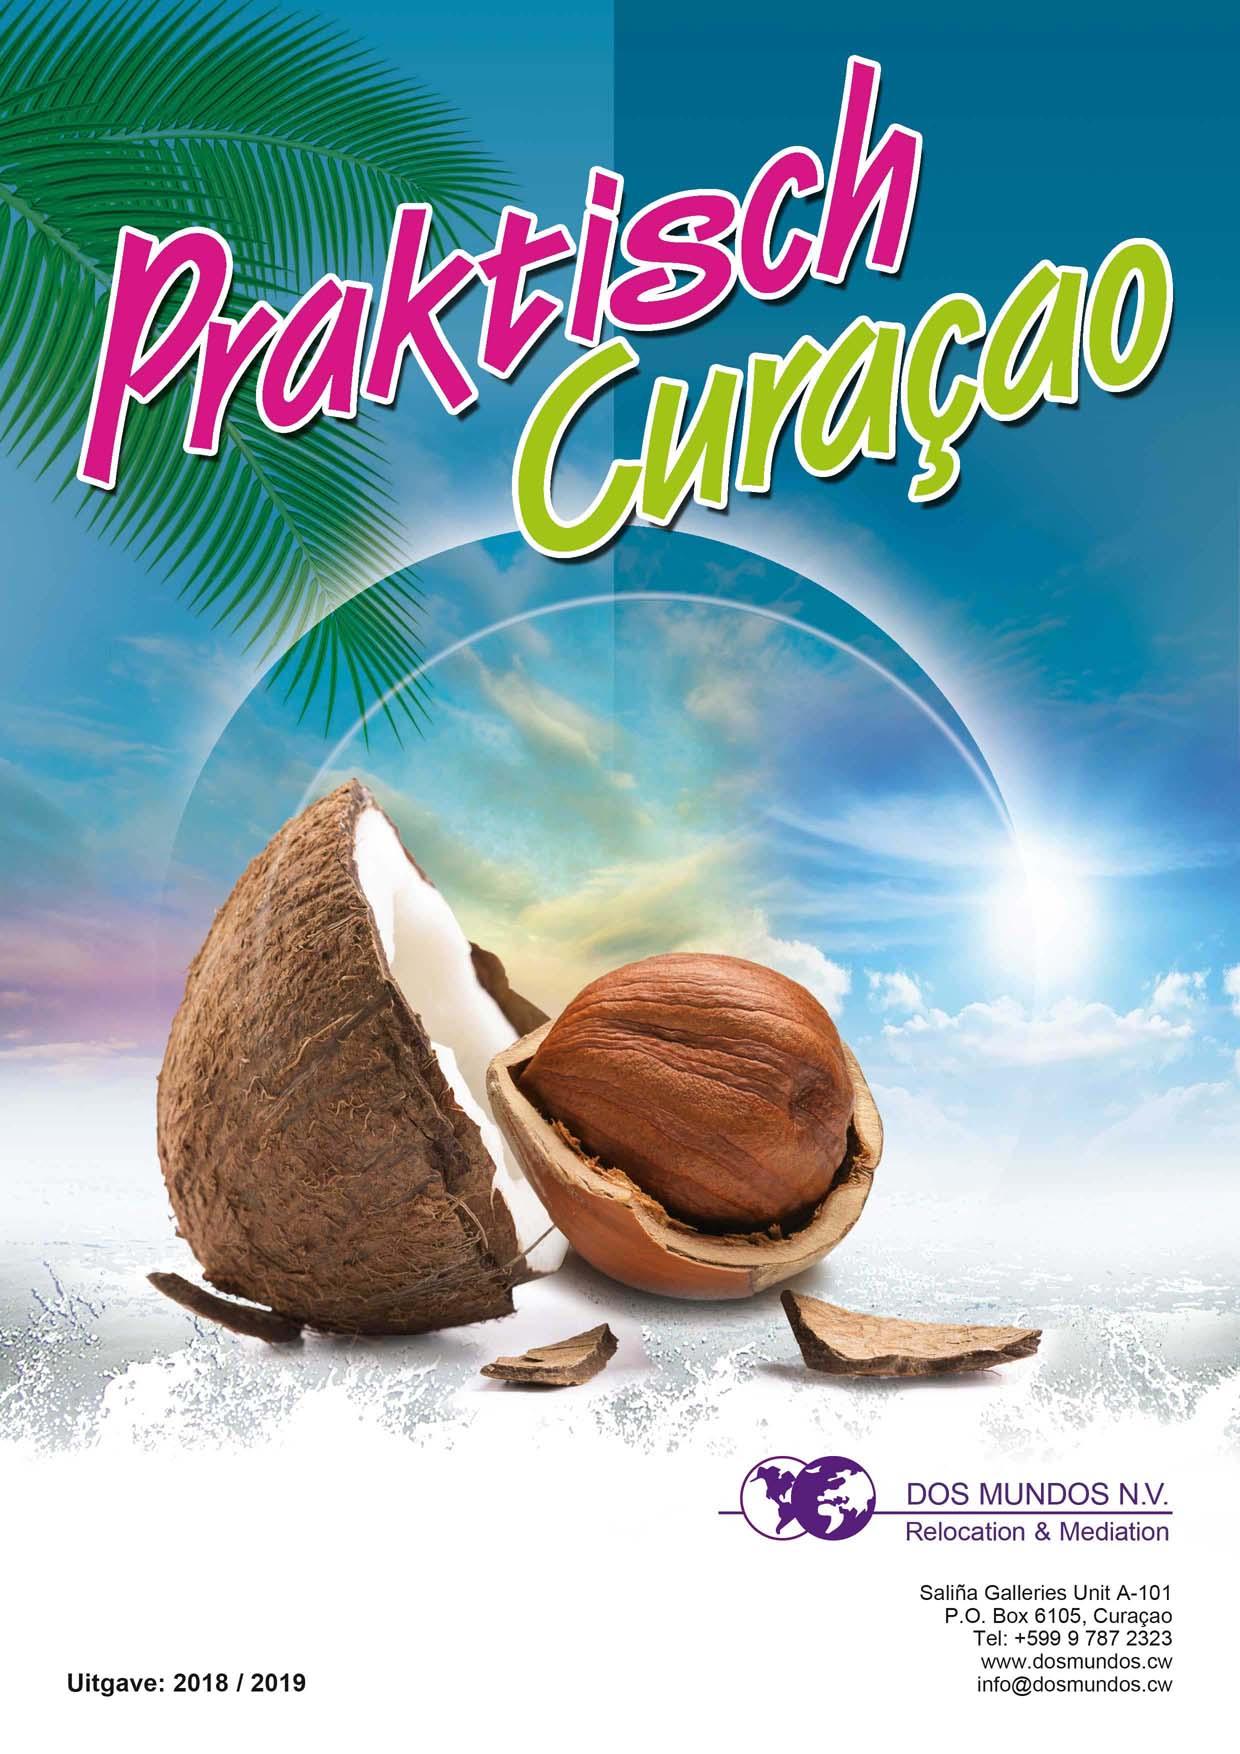 Praktisch Curaçao Dos Mundos